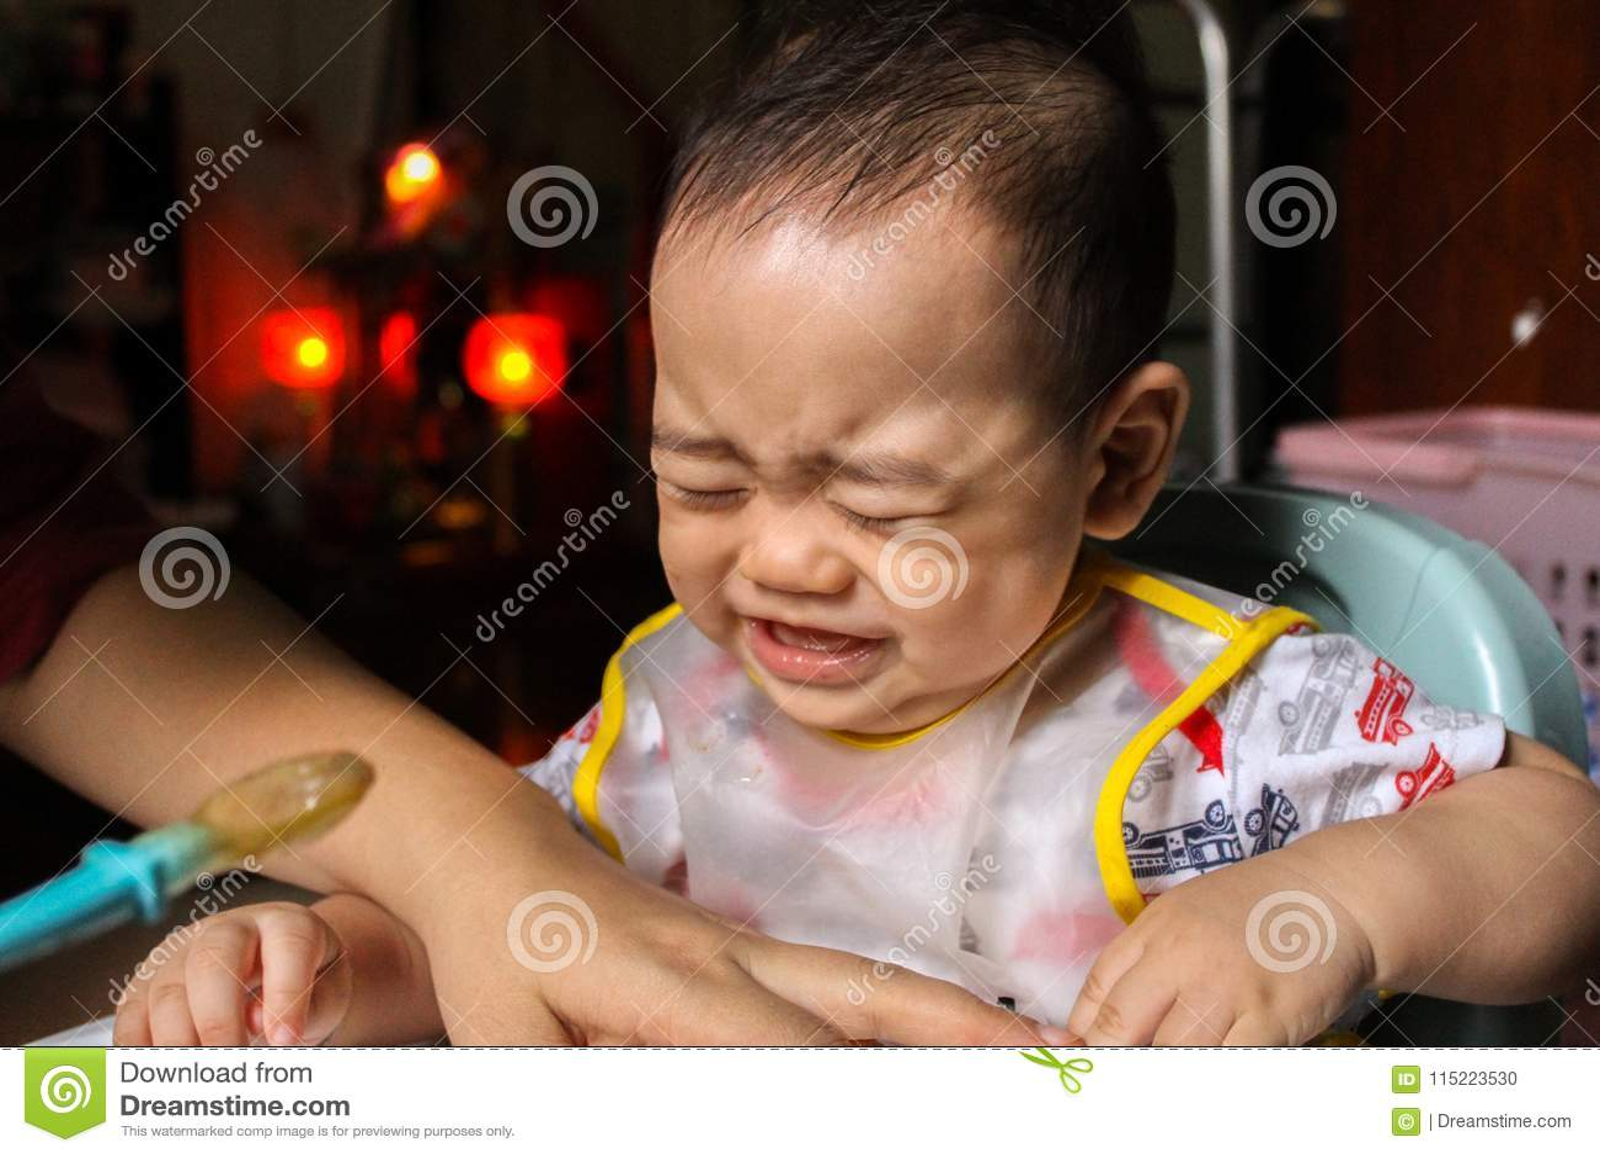 Fermez-vous de petits sept mois malheureux que le fils voient dedans le bavoir en plastique crier et pleurer dans la chaise pour